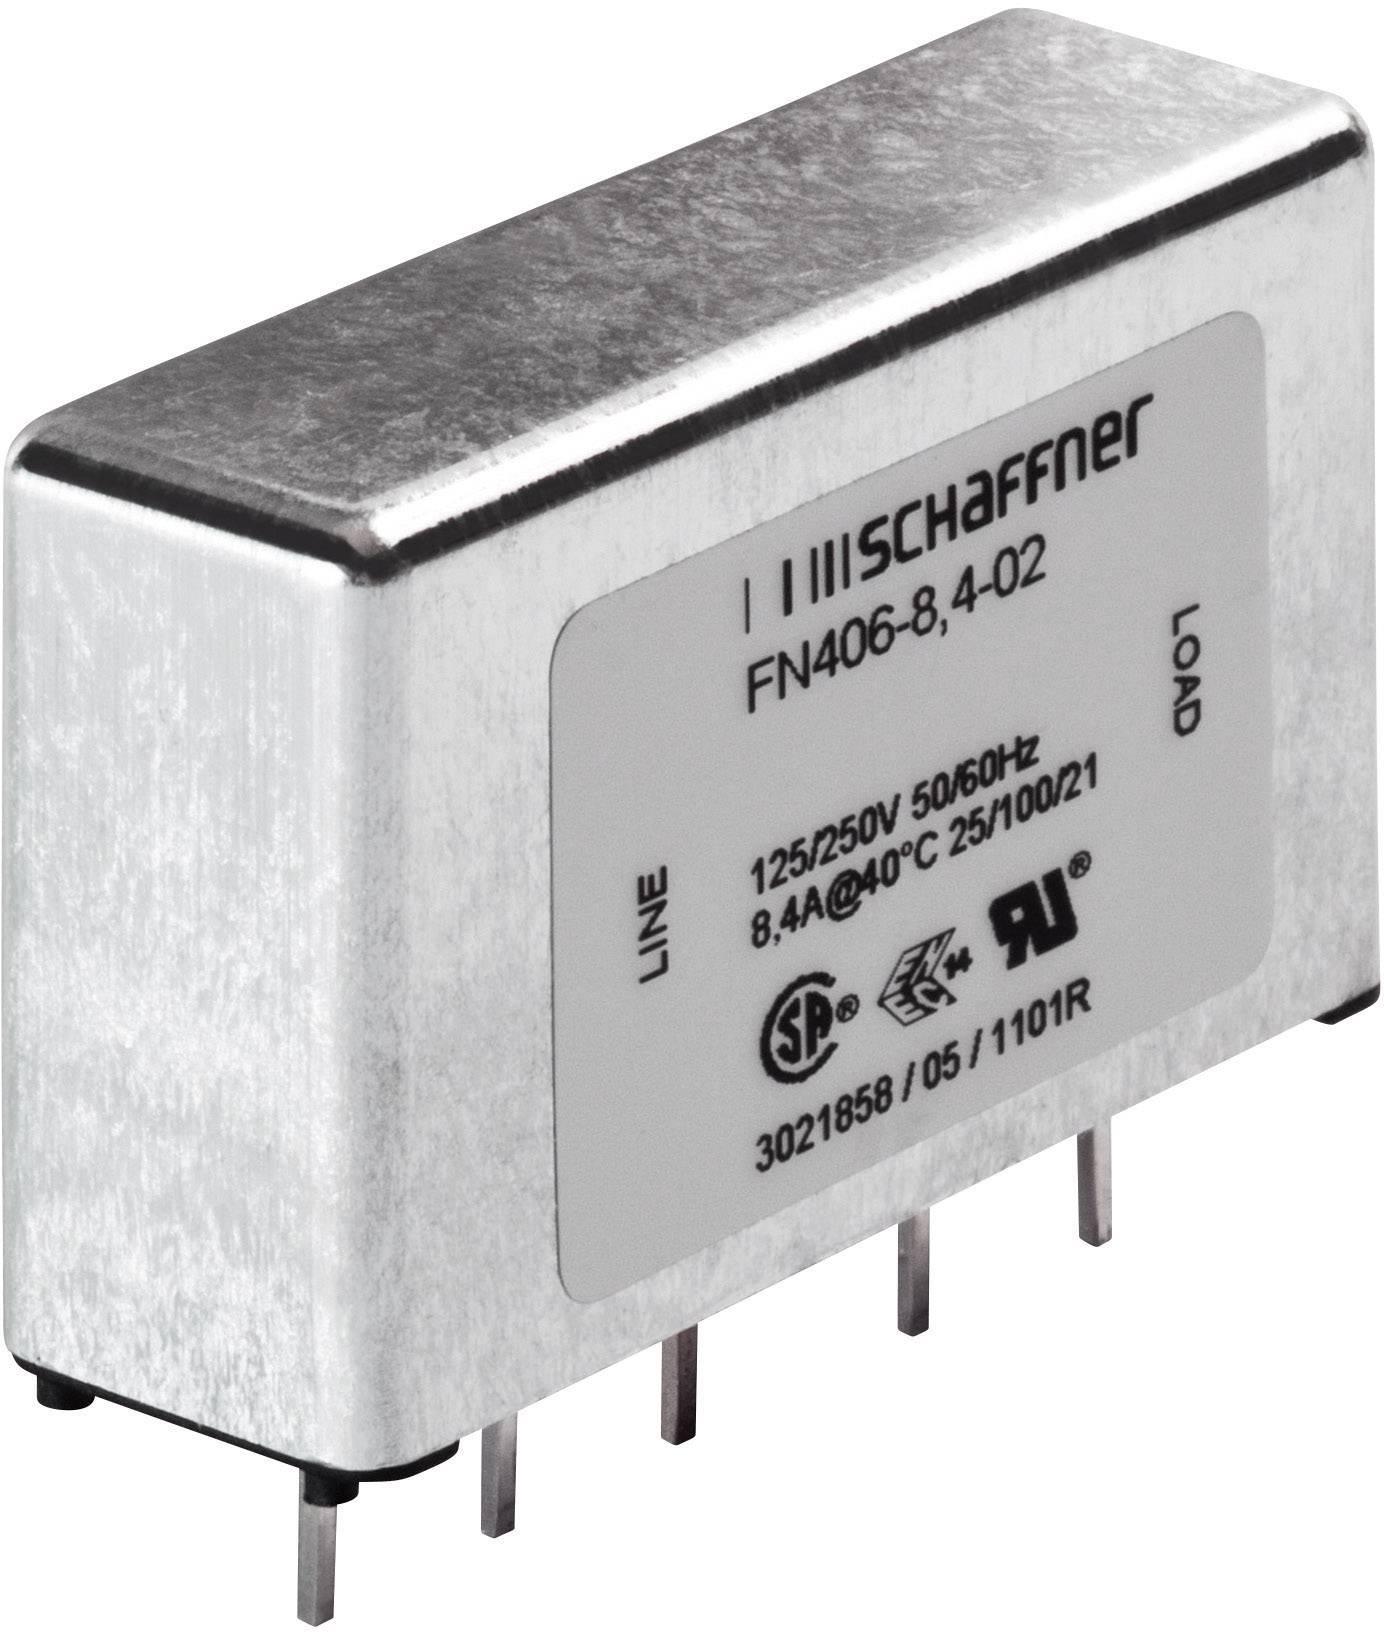 Síťový filtr do DPS Schaffner, FN 406-3-02, 2,5 mH, 250 V/AC, 3 A